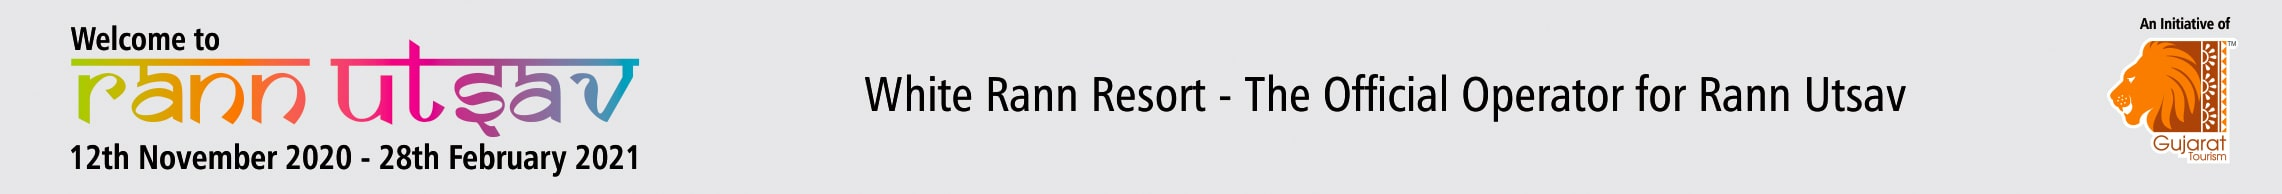 Rann Utsav, Kutch Rann Utsav 2020-2021 | Rann Utsav, Kutch Rann Utsav 2020-2021   DISCLAIMER